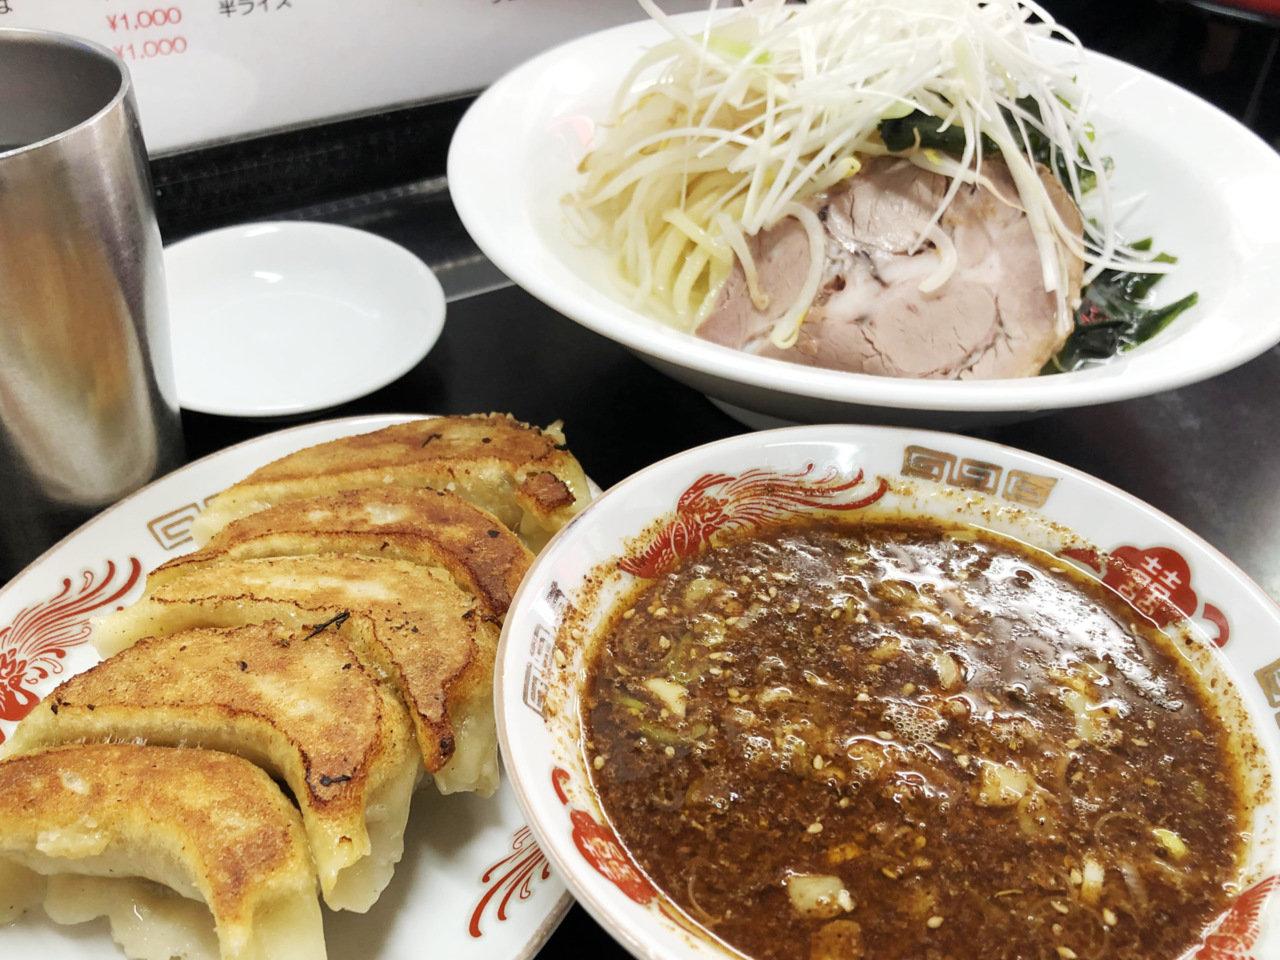 東京ローカルでおいしいラーメンが食べたい 馬賊つけめん